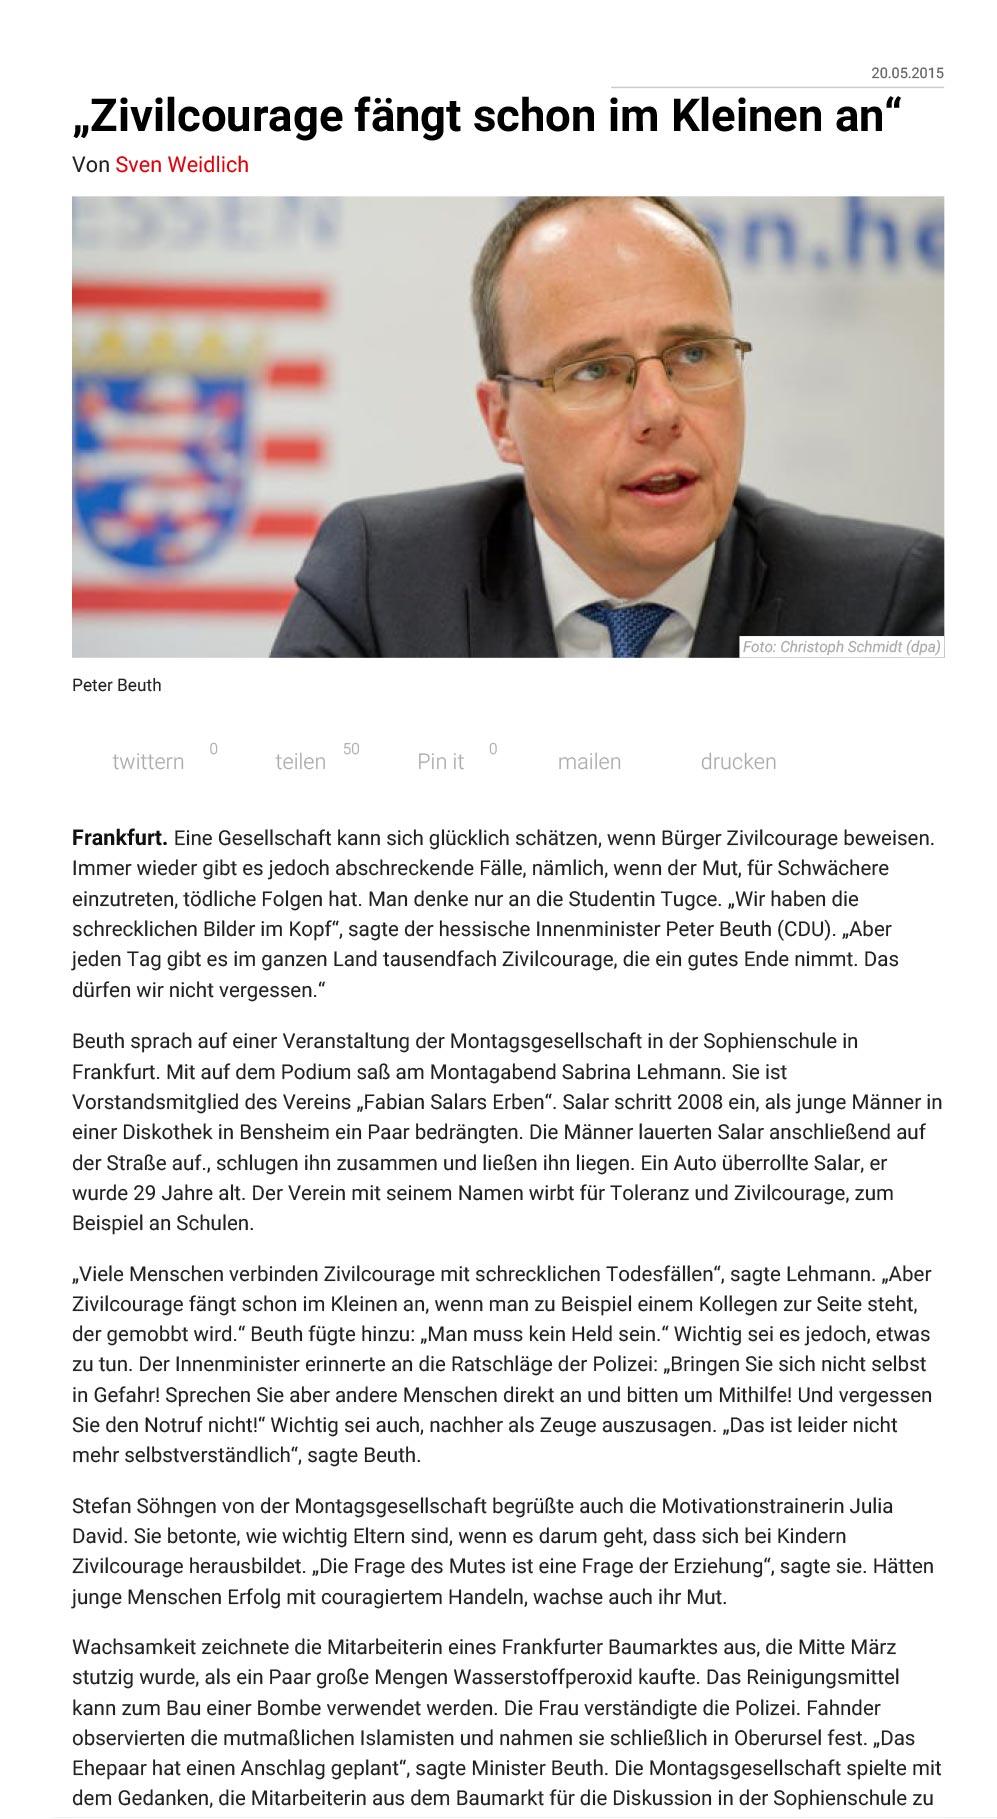 Julia_David_coaching_Zivilcourage-faengt-schon-im-Kleinen-an-FNP-1